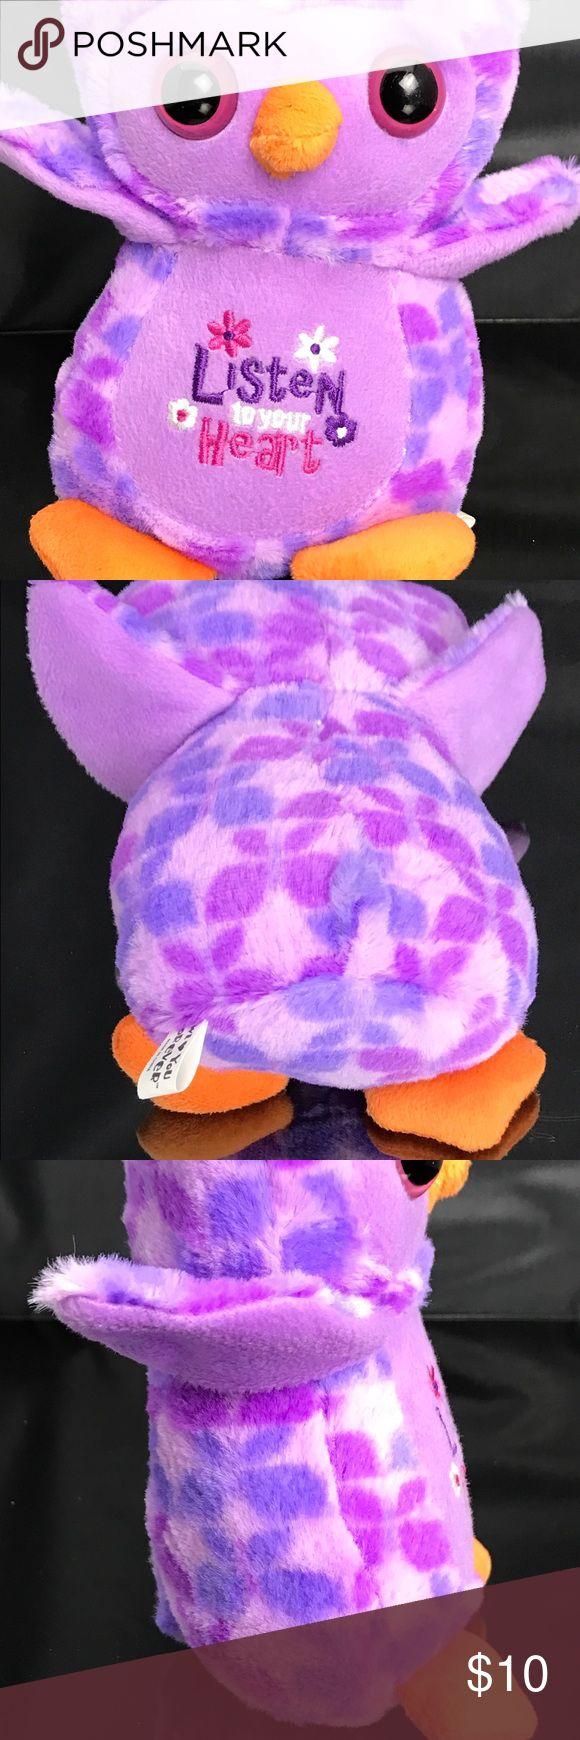 """Purple AESOP'S FABLES HOOTIE OWL 10"""" plush Purple AESOP'S FABLES HOOTIE OWL 10"""" plush stuffed animal toy Other"""